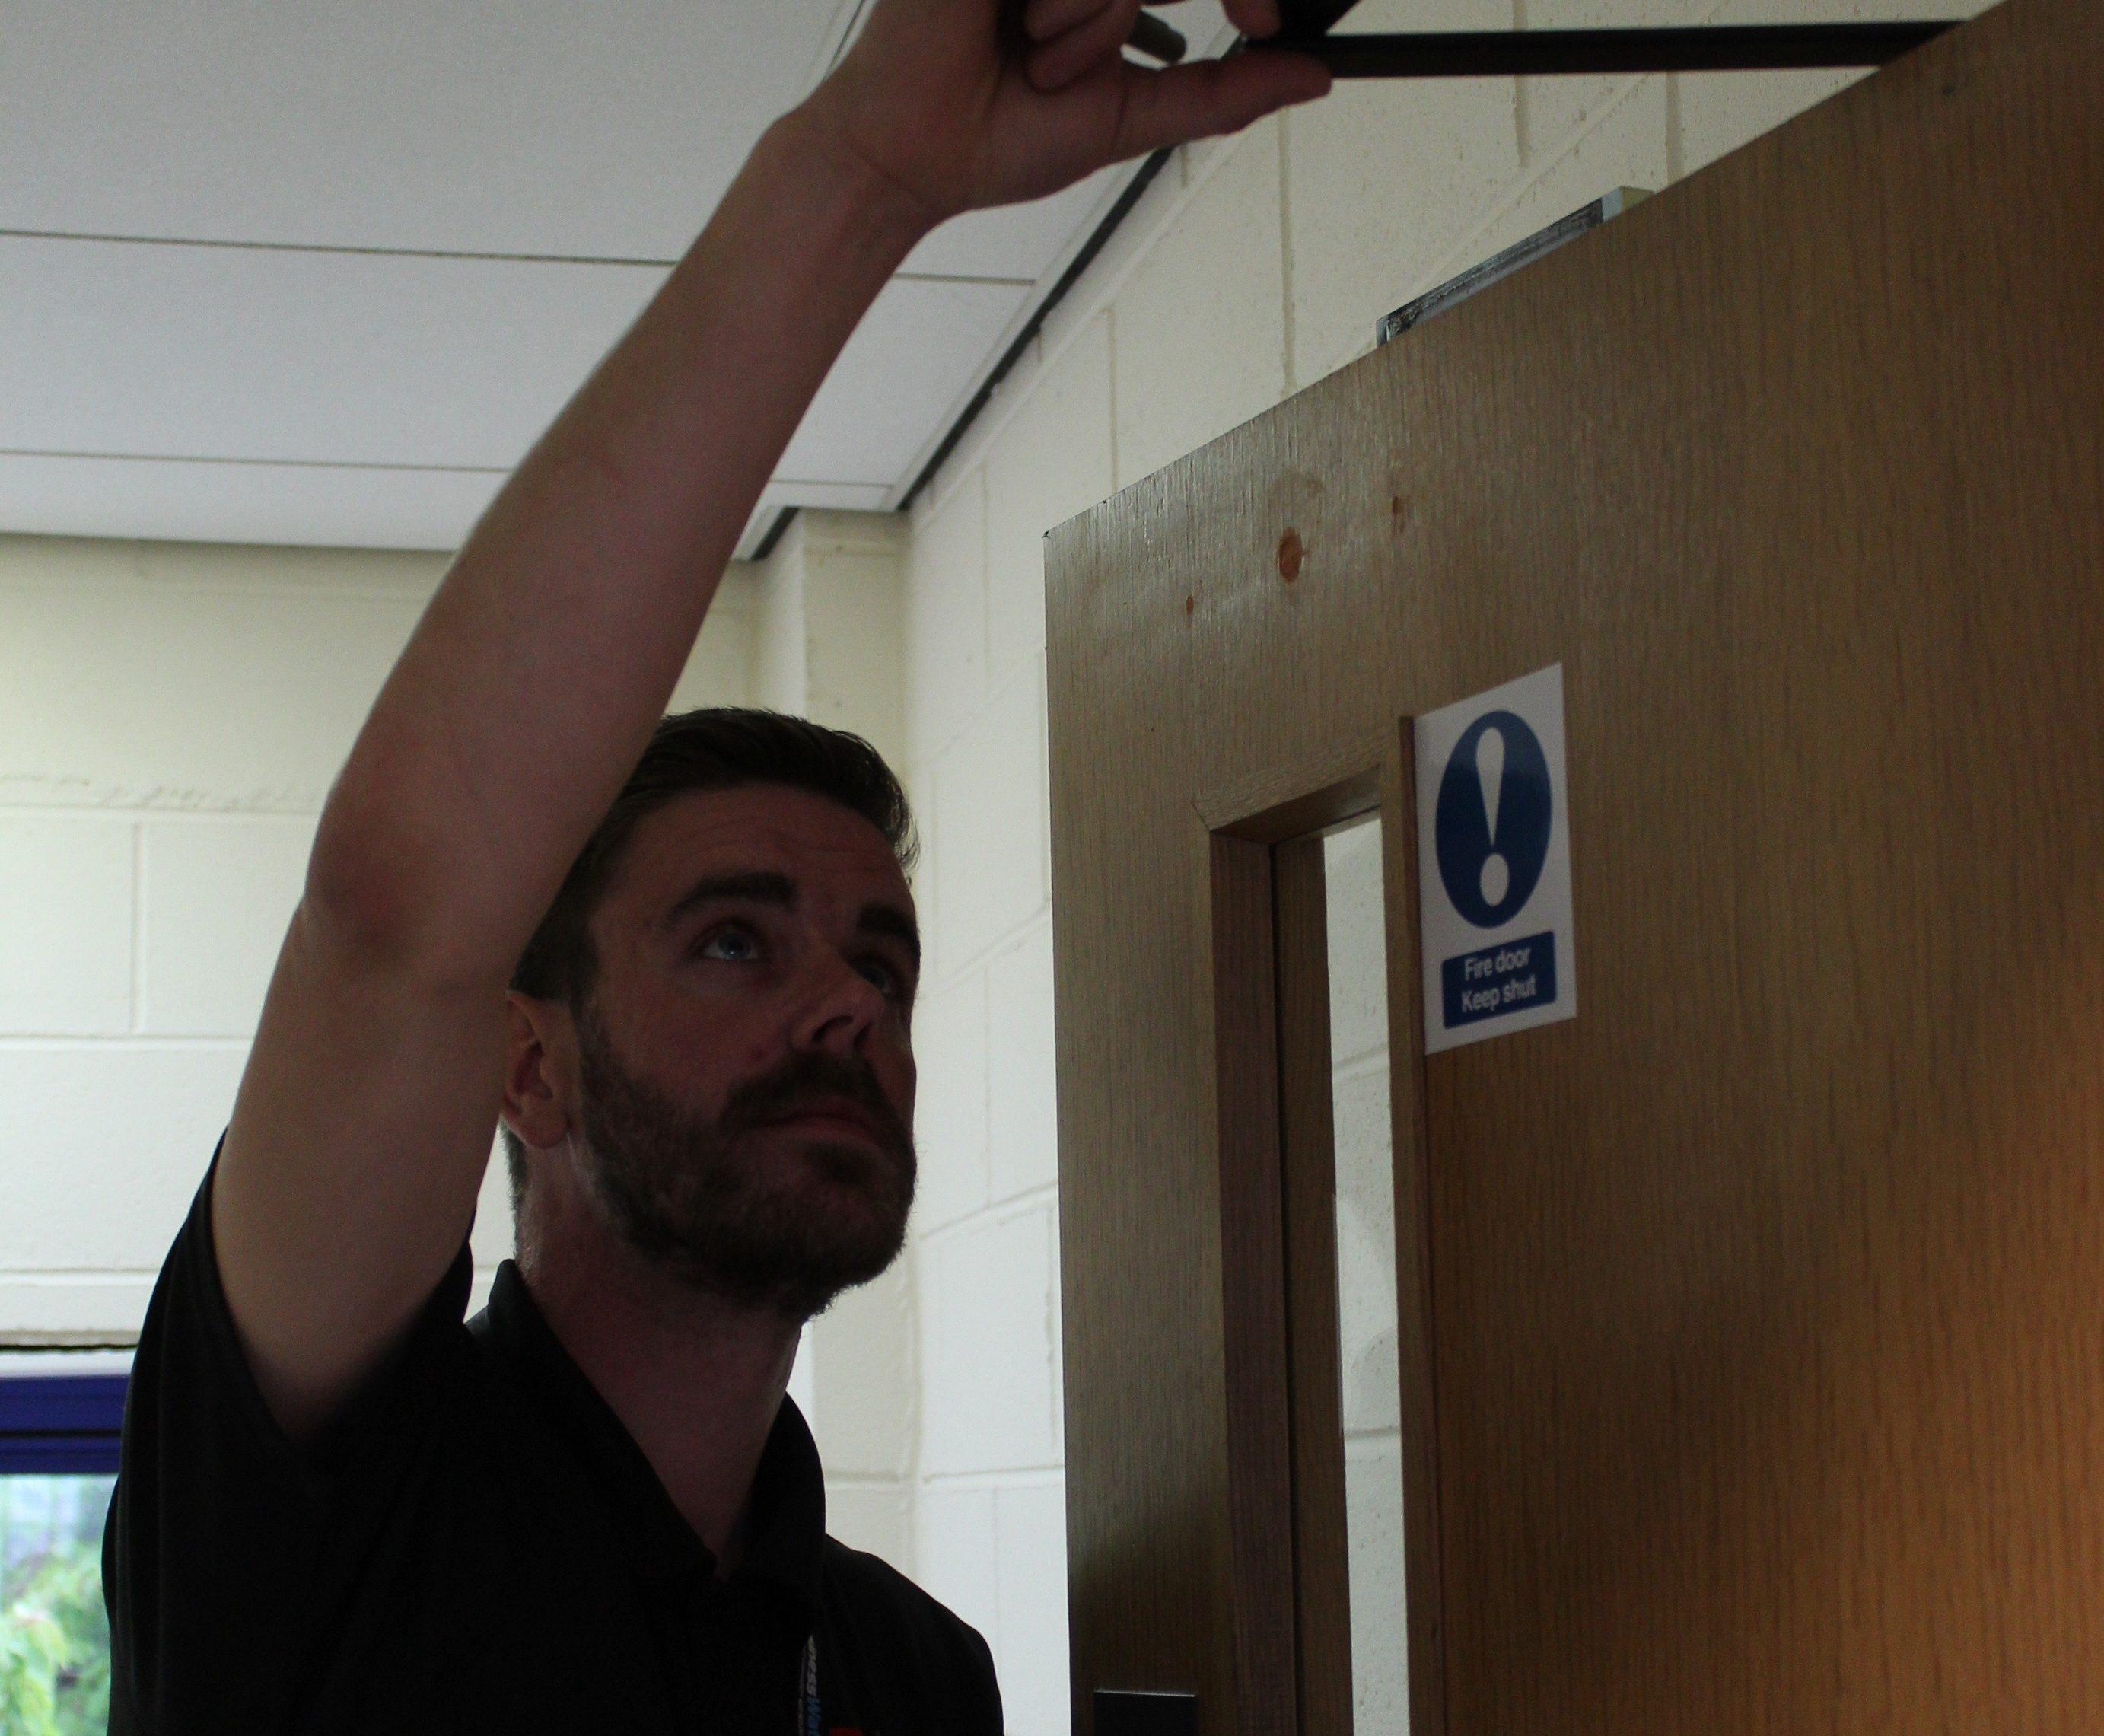 Fire Door Inspections